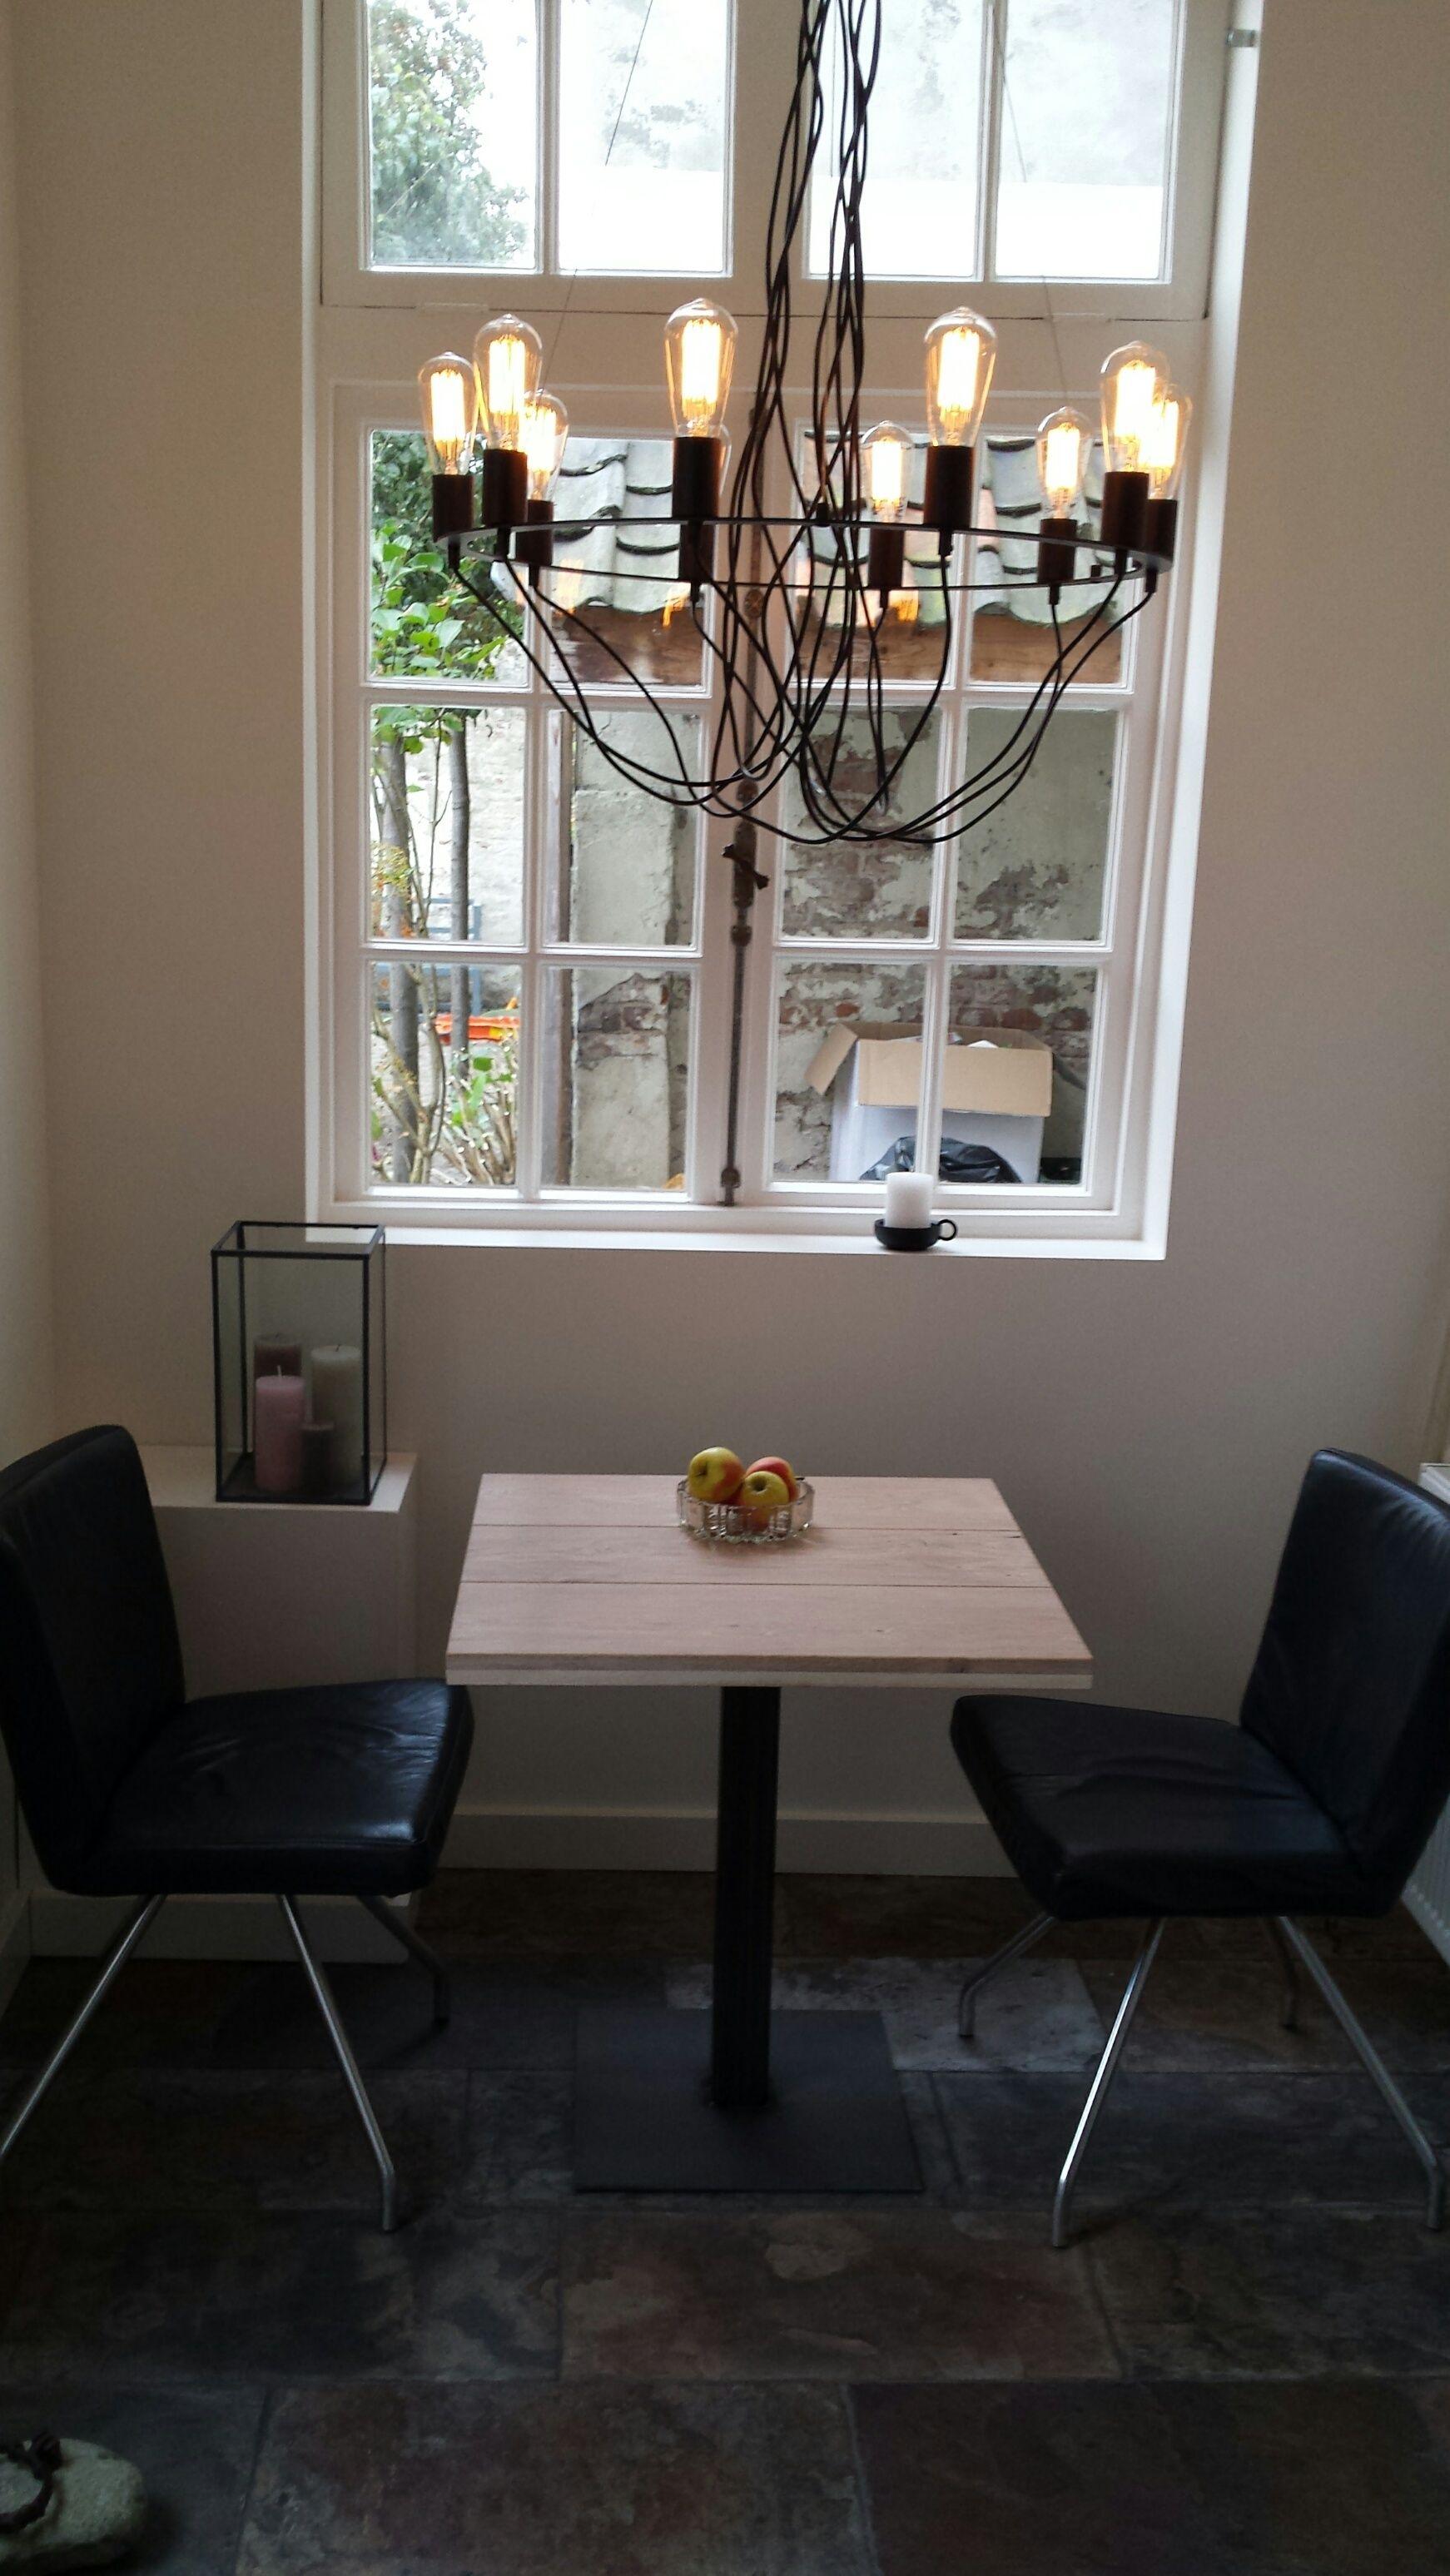 Eettafel Twee Personen.Pin Van Design85 Op Industriele Tafels Table Dining Table En Dining